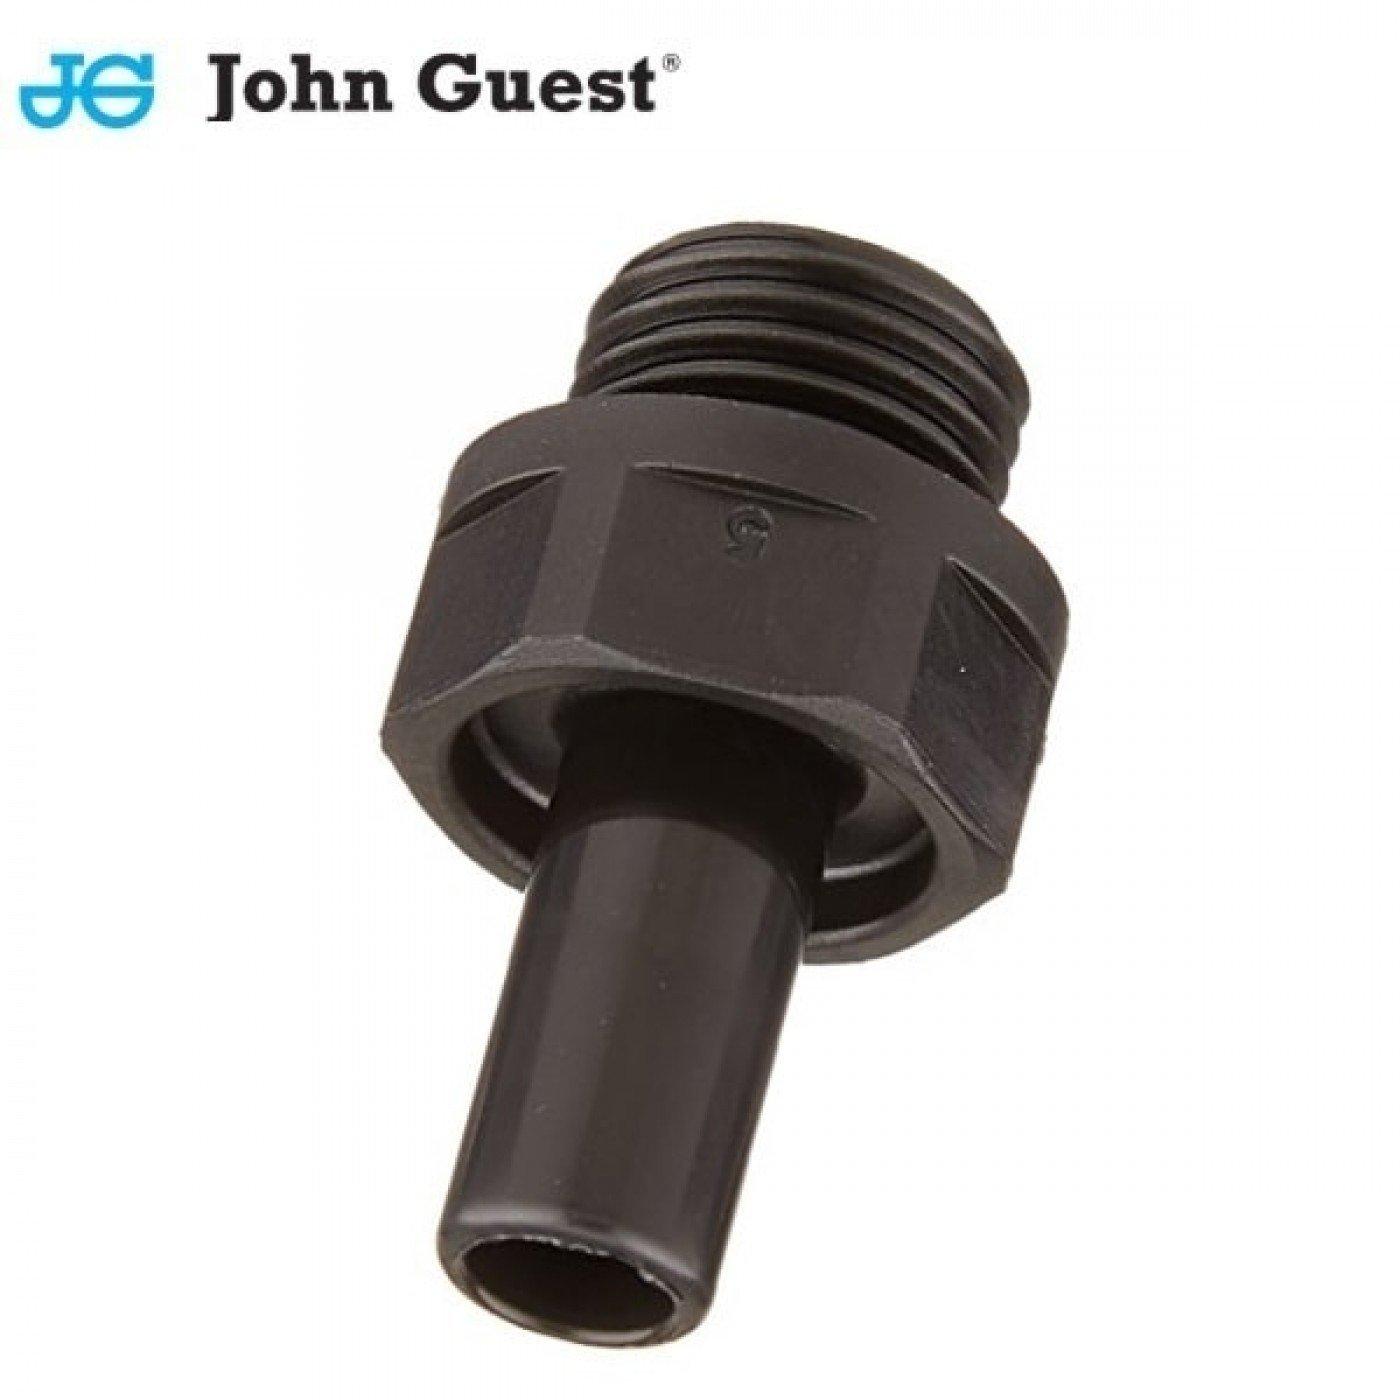 TERMINALE A CODOLO 8 mm FILETTO 1/8 JOHN GUEST PM050801E